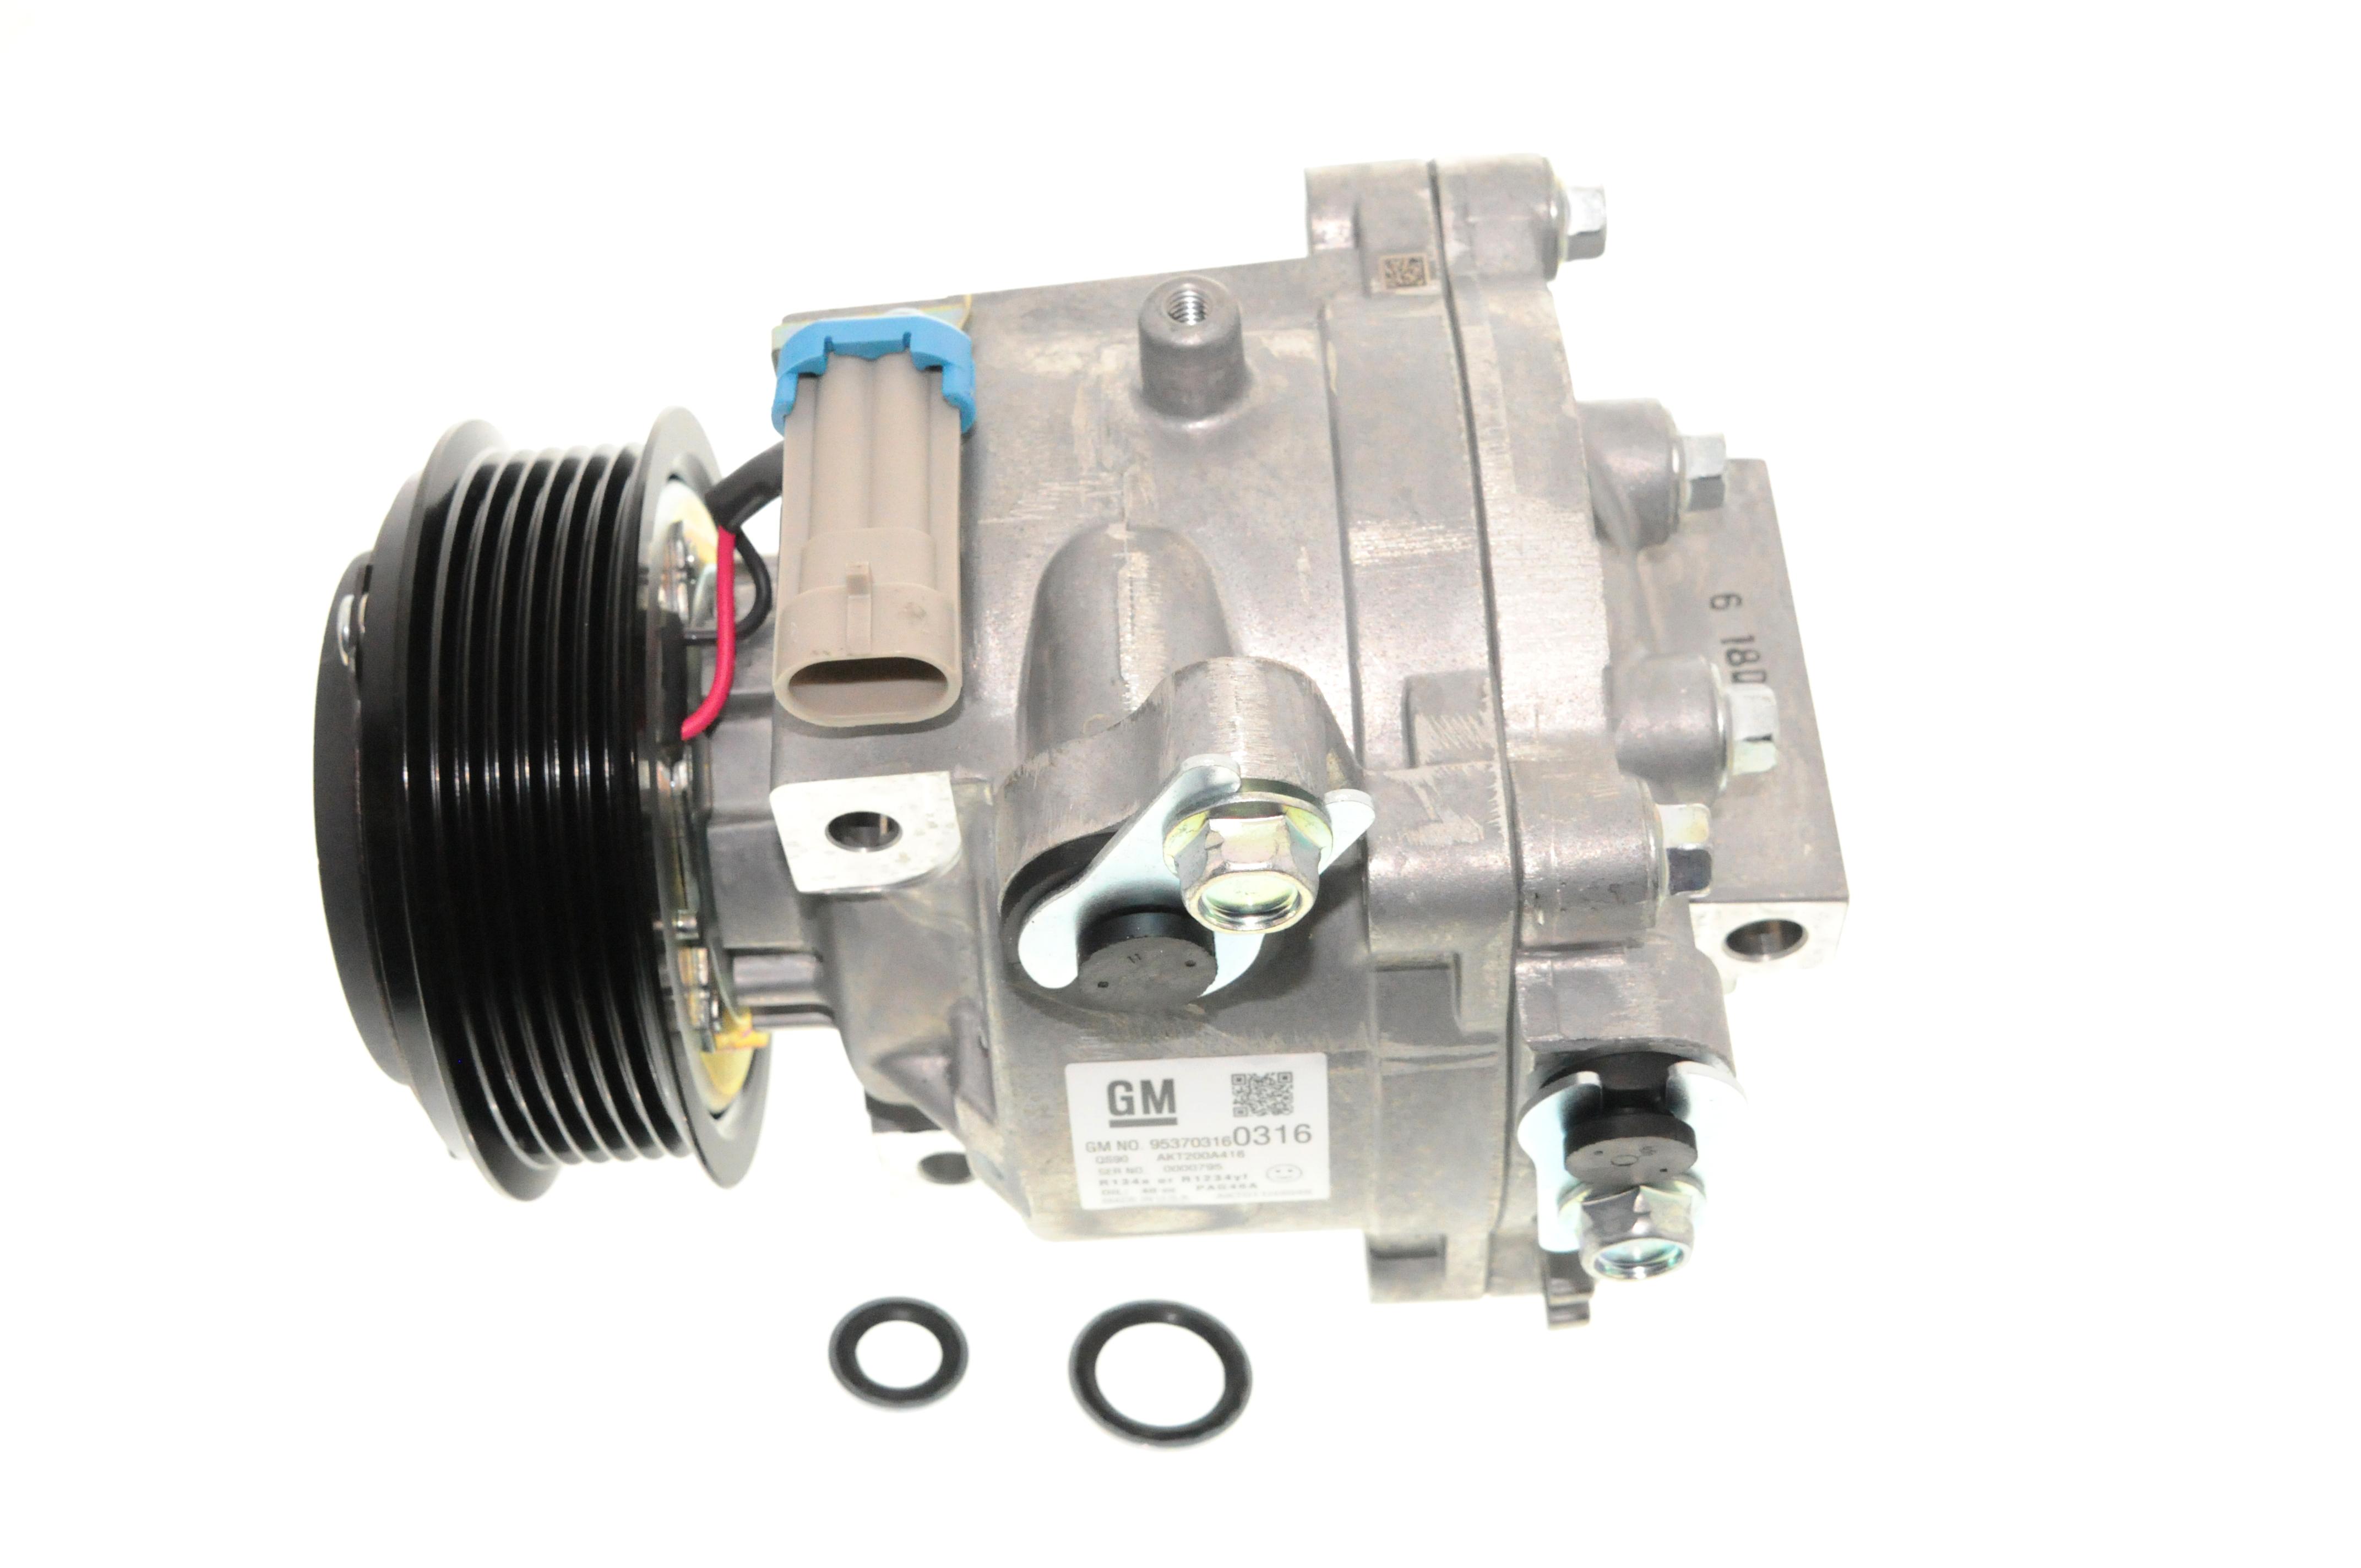 ACDELCO GM ORIGINAL EQUIPMENT - A/C Compressor and Clutch - DCB 15-22301